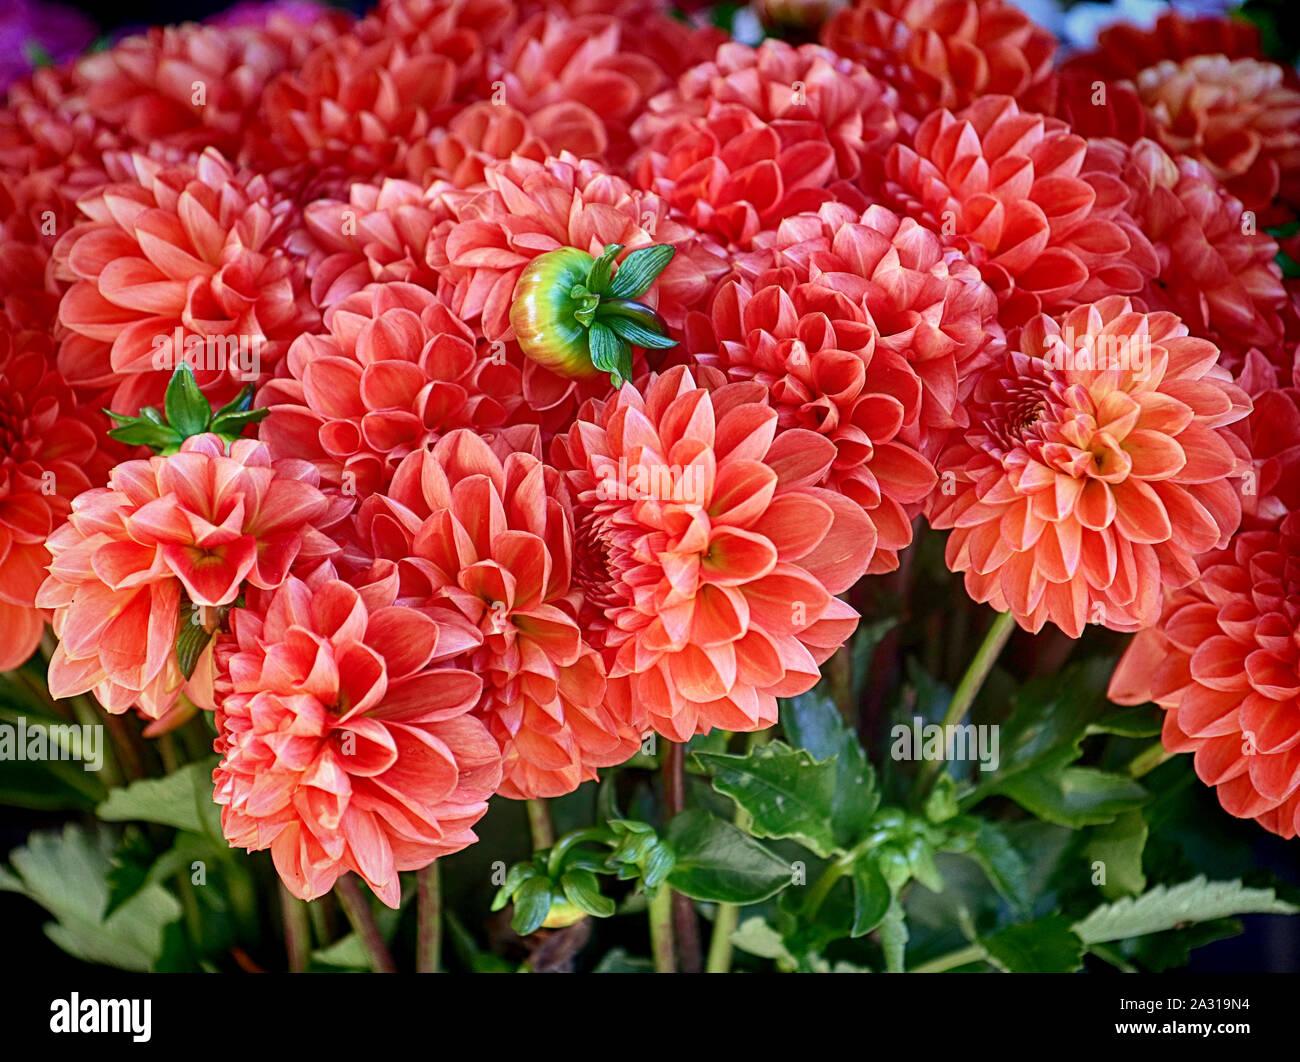 Contexte: la nature orange magnifique dahlia fleurs en été pour le marché floral Banque D'Images